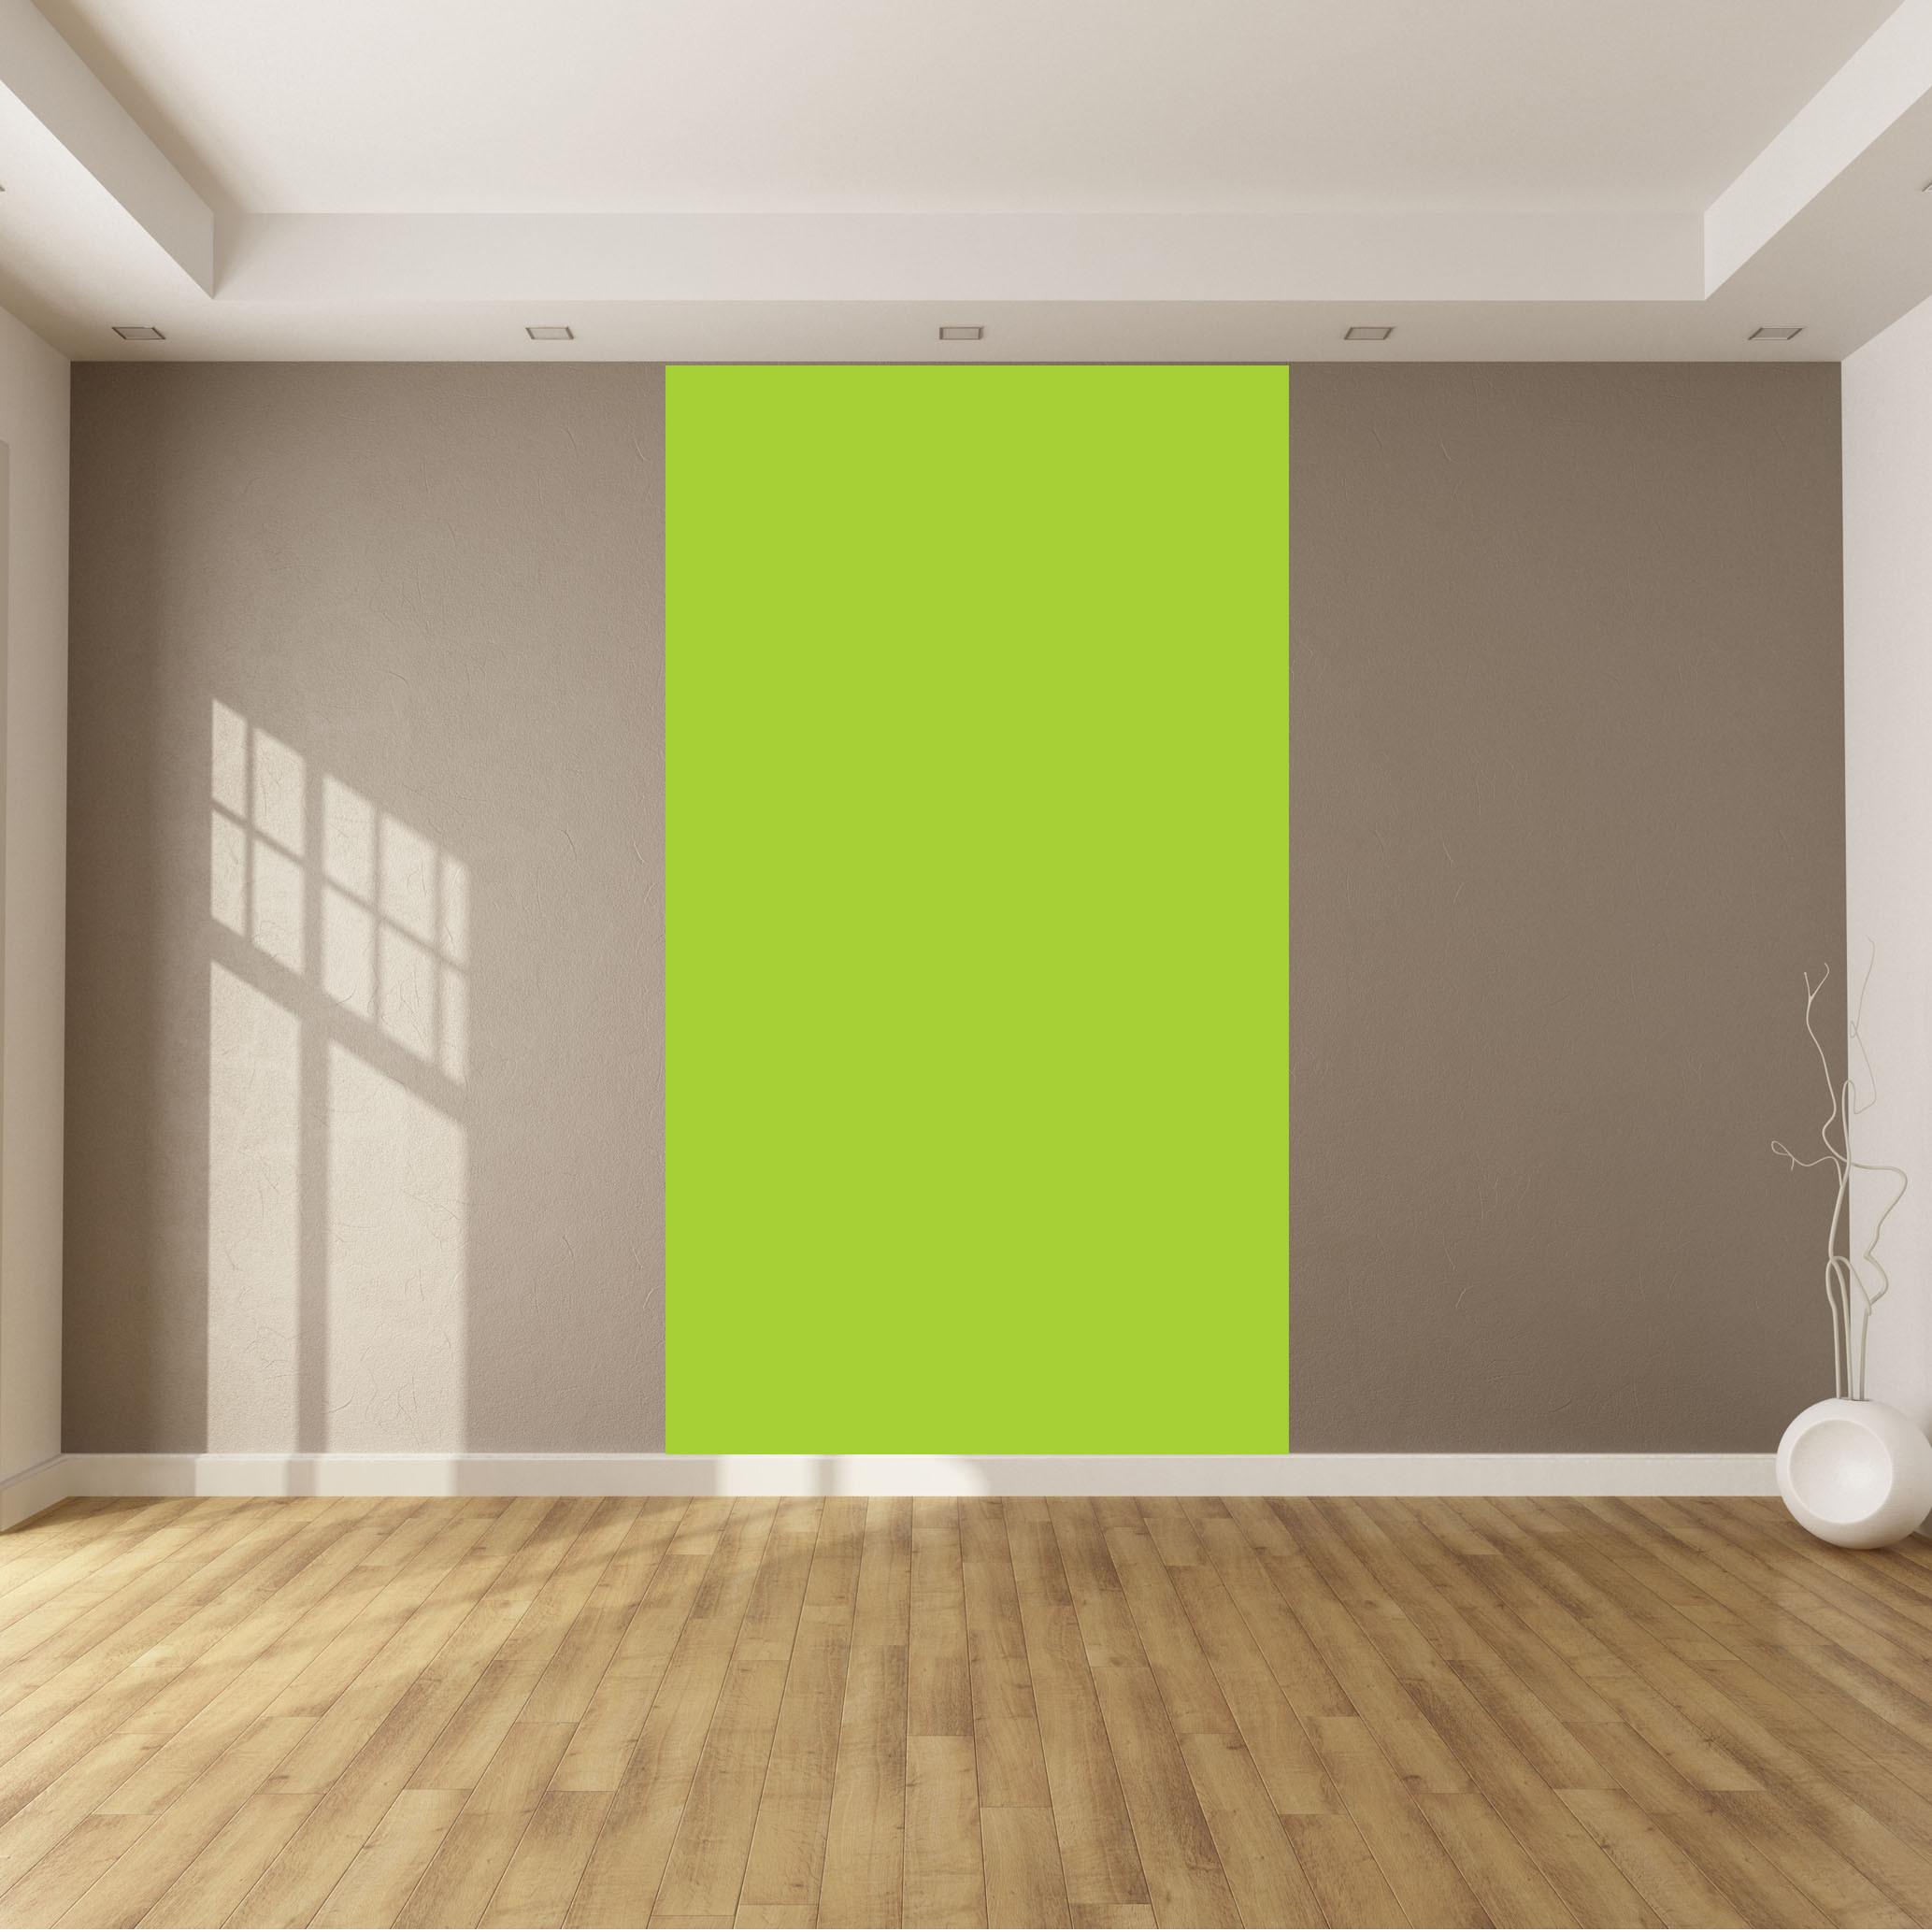 stickers au m tre couleur vert pomme des prix 50 moins cher qu 39 en magasin. Black Bedroom Furniture Sets. Home Design Ideas